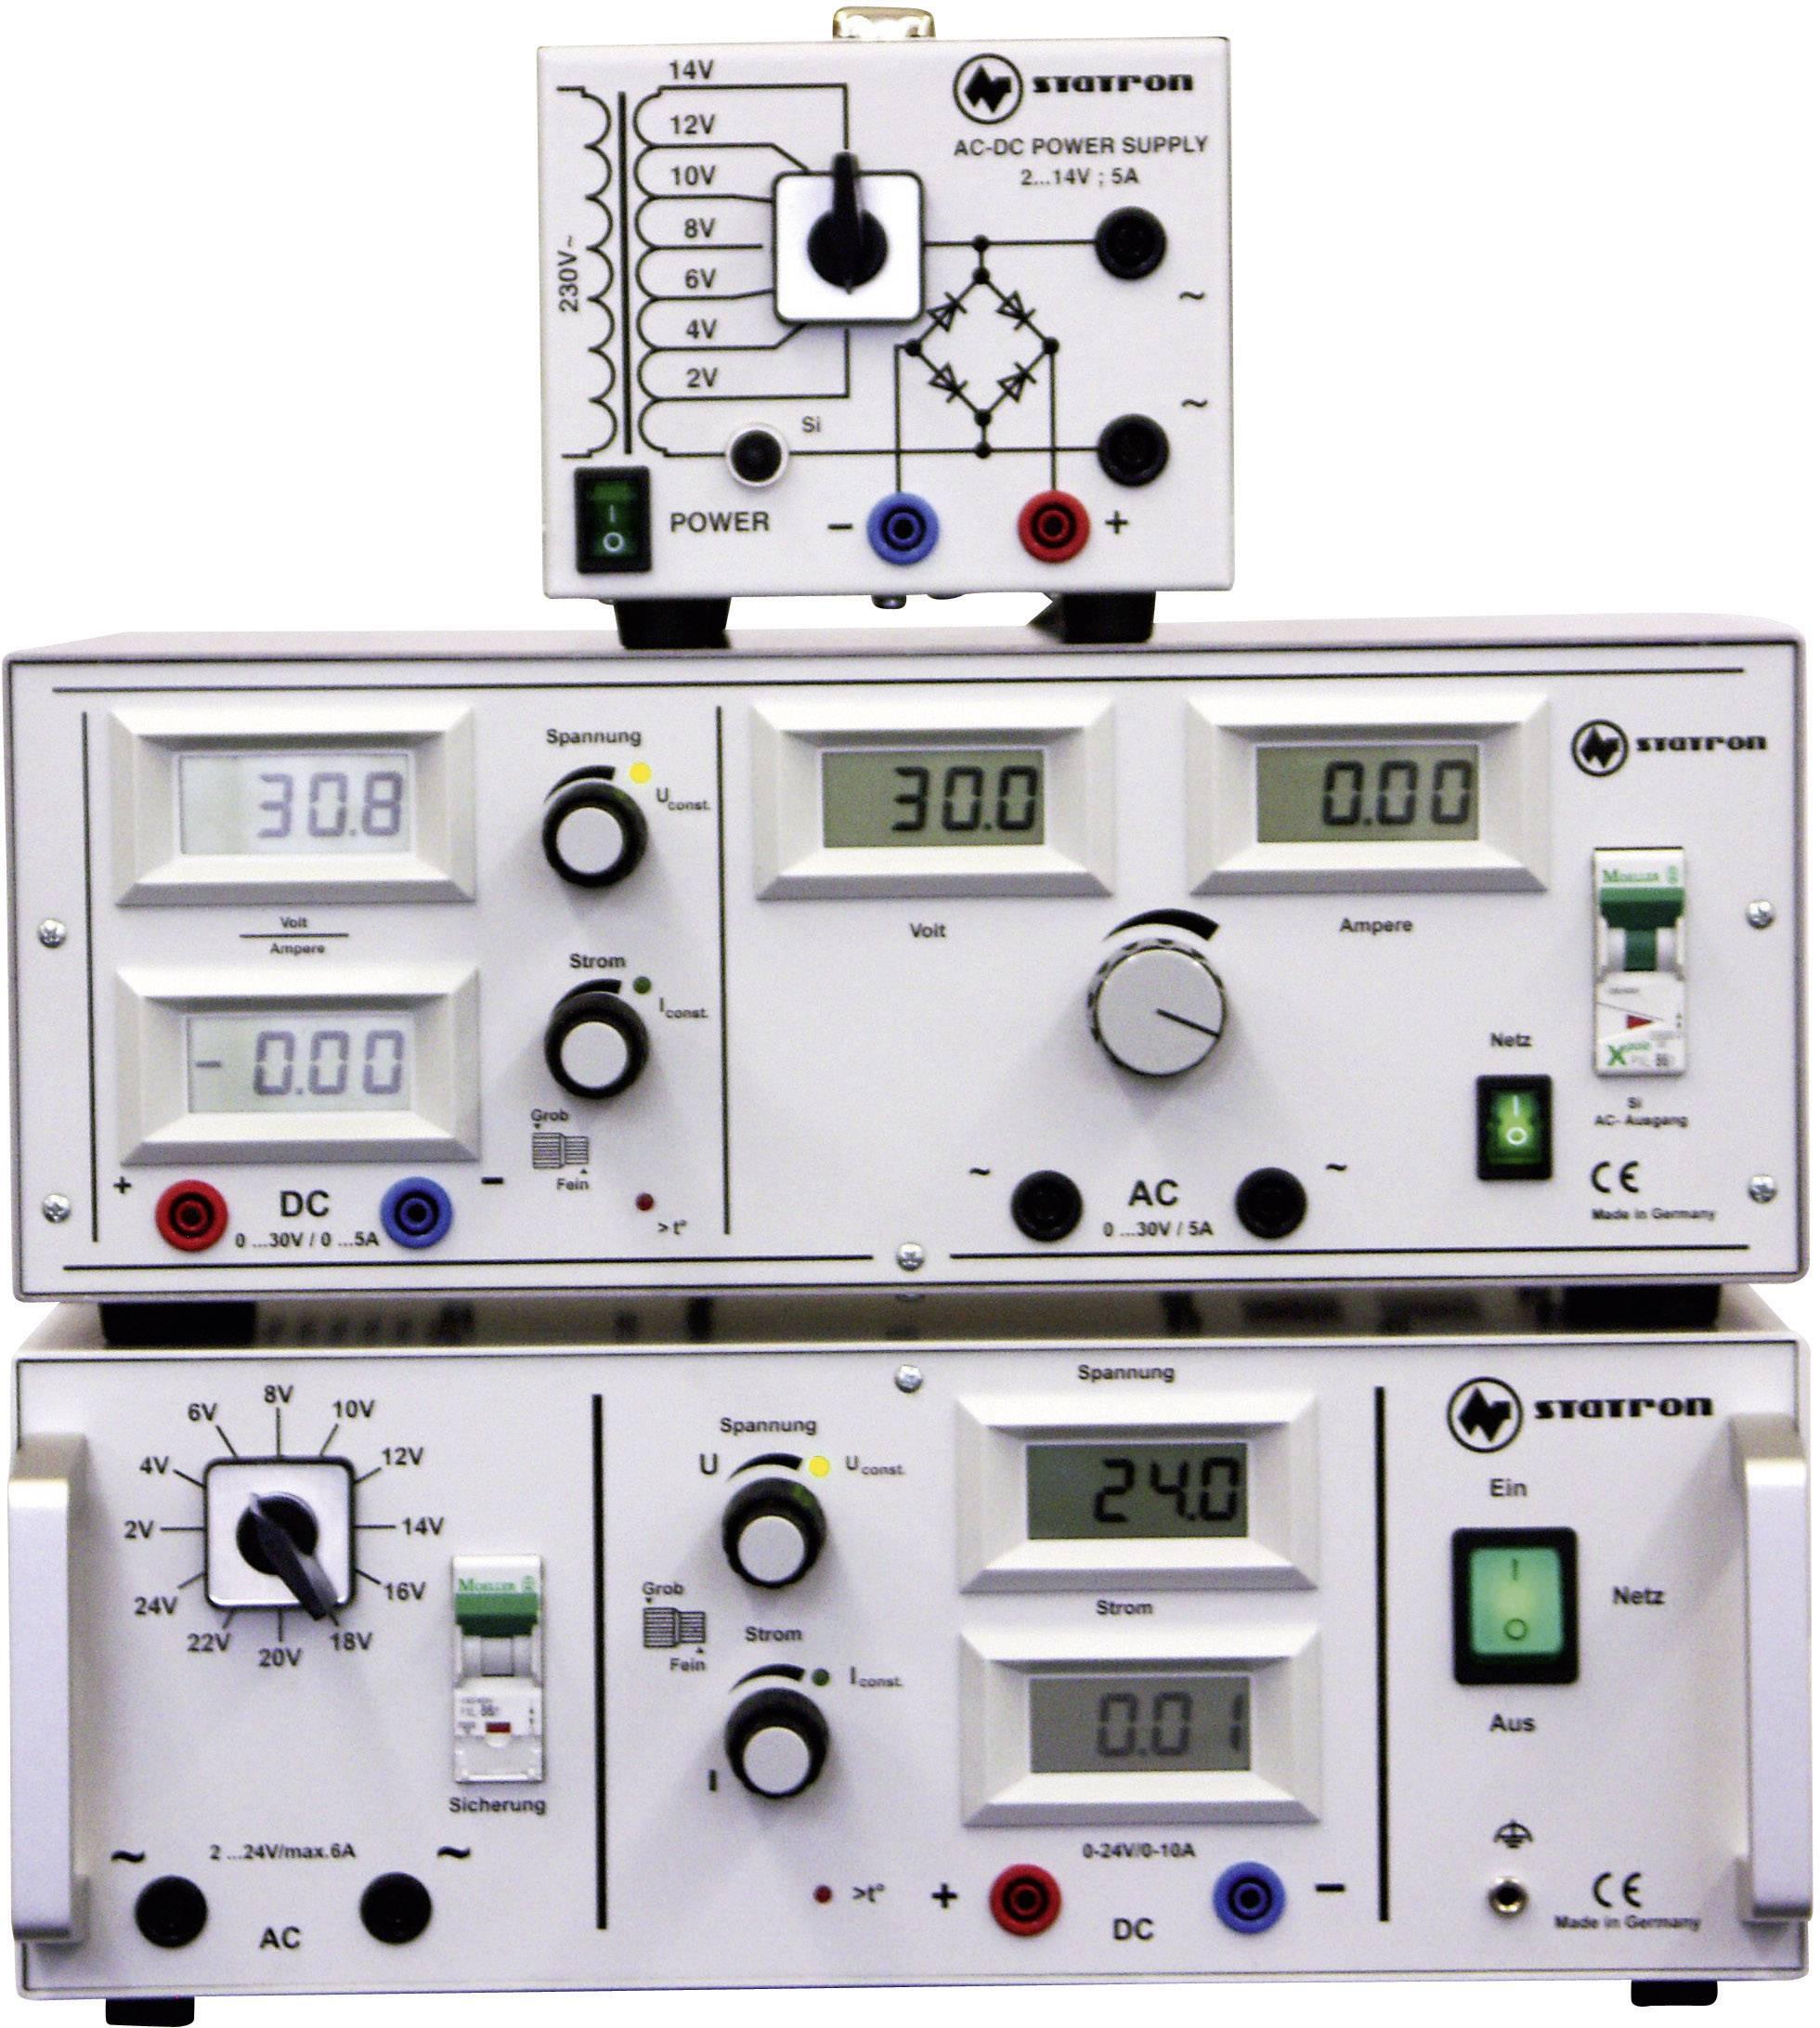 Univerzálny laboratórny zdroj Straton 5359.3, 2 - 14 V, 0 - 5 A